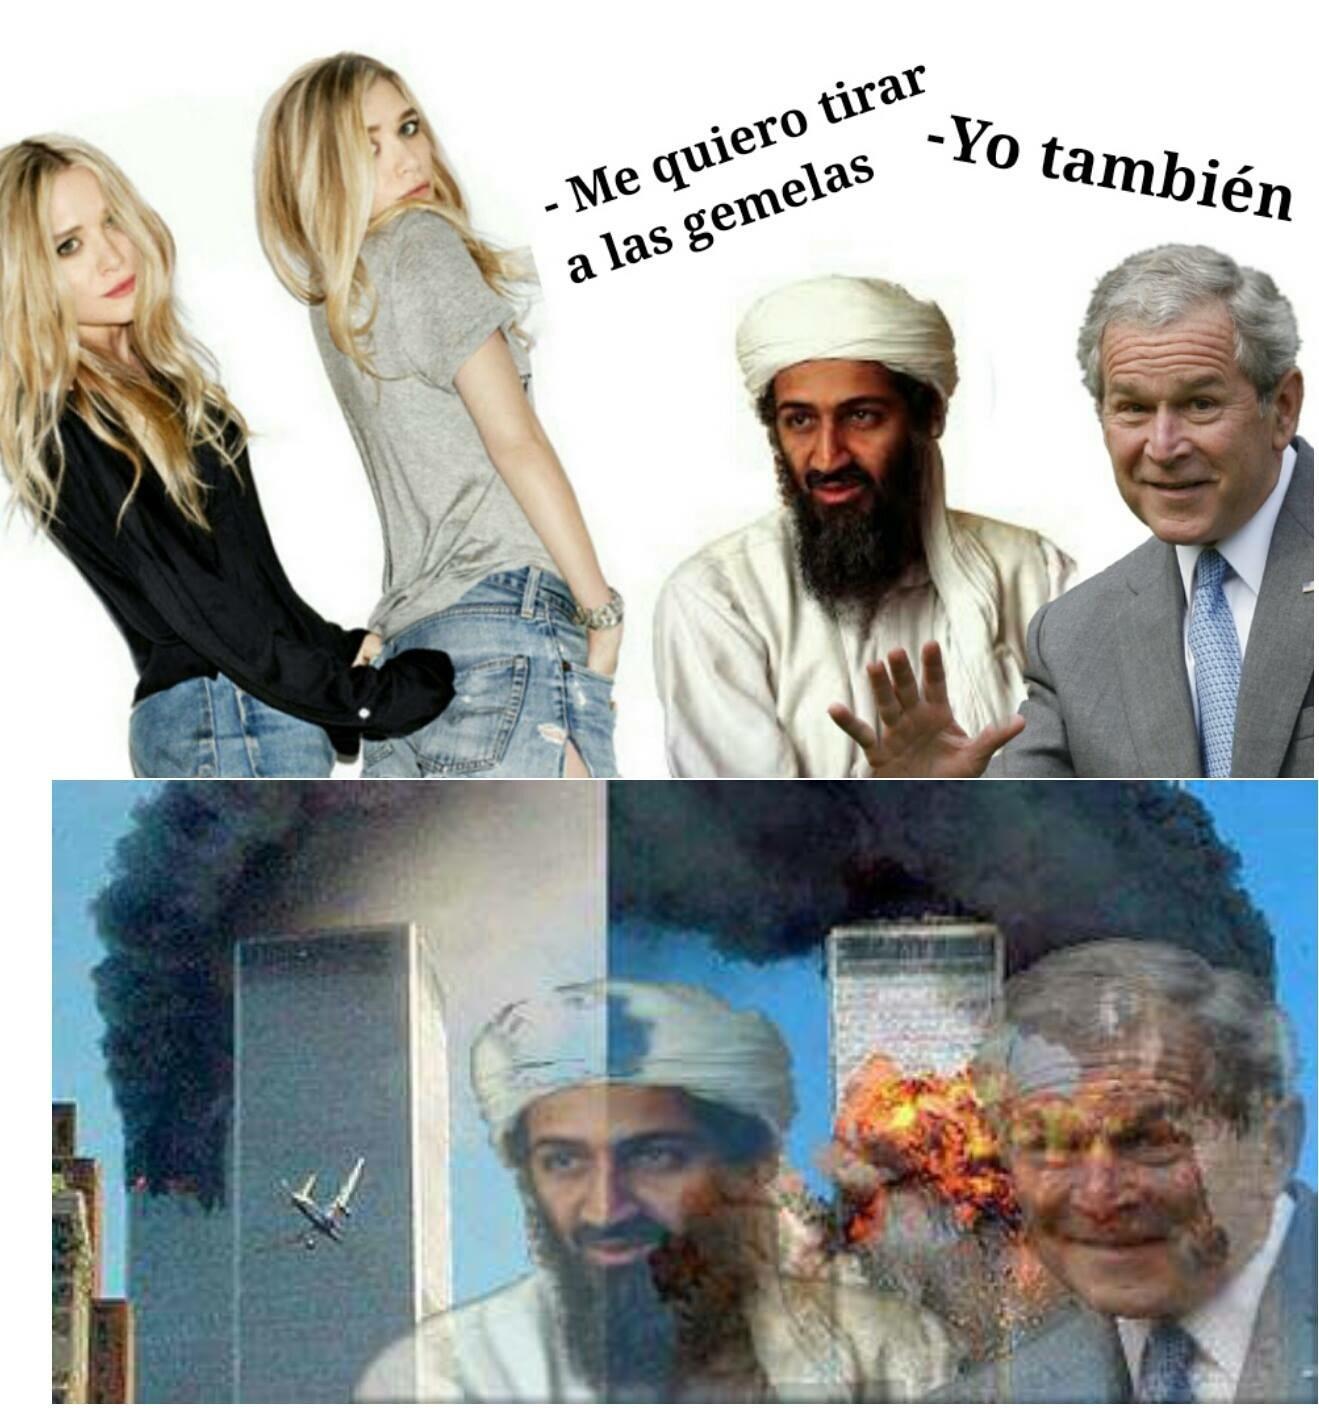 Es gracioso porque habla de las torres gemelas :^) - meme